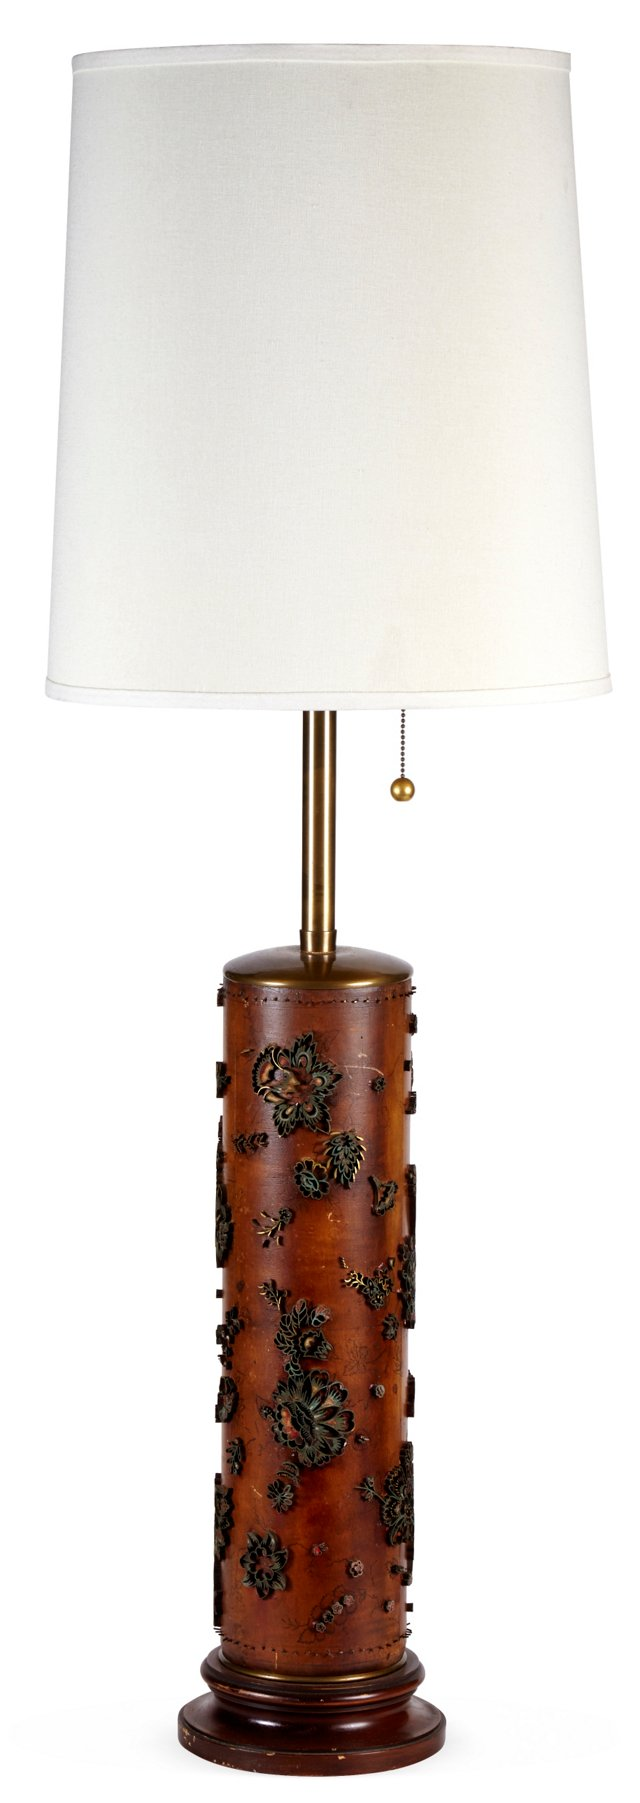 Marbro Wallpaper Lamp